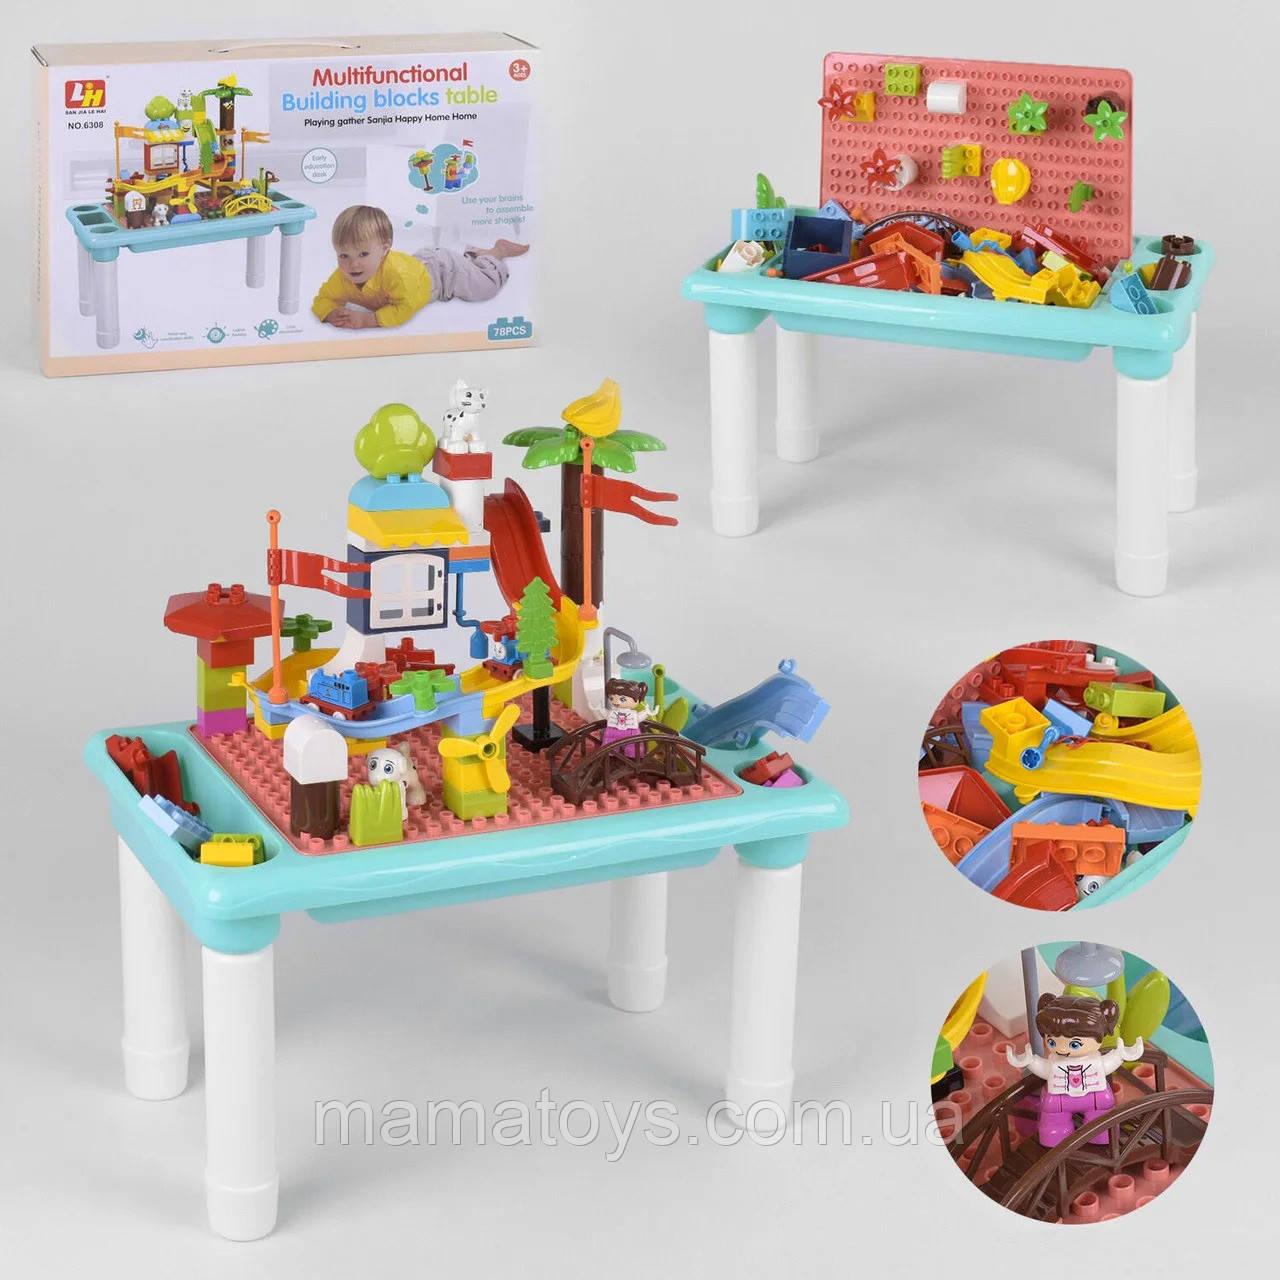 Детский игровой столик 6308 с конструктором 78 крупных деталей